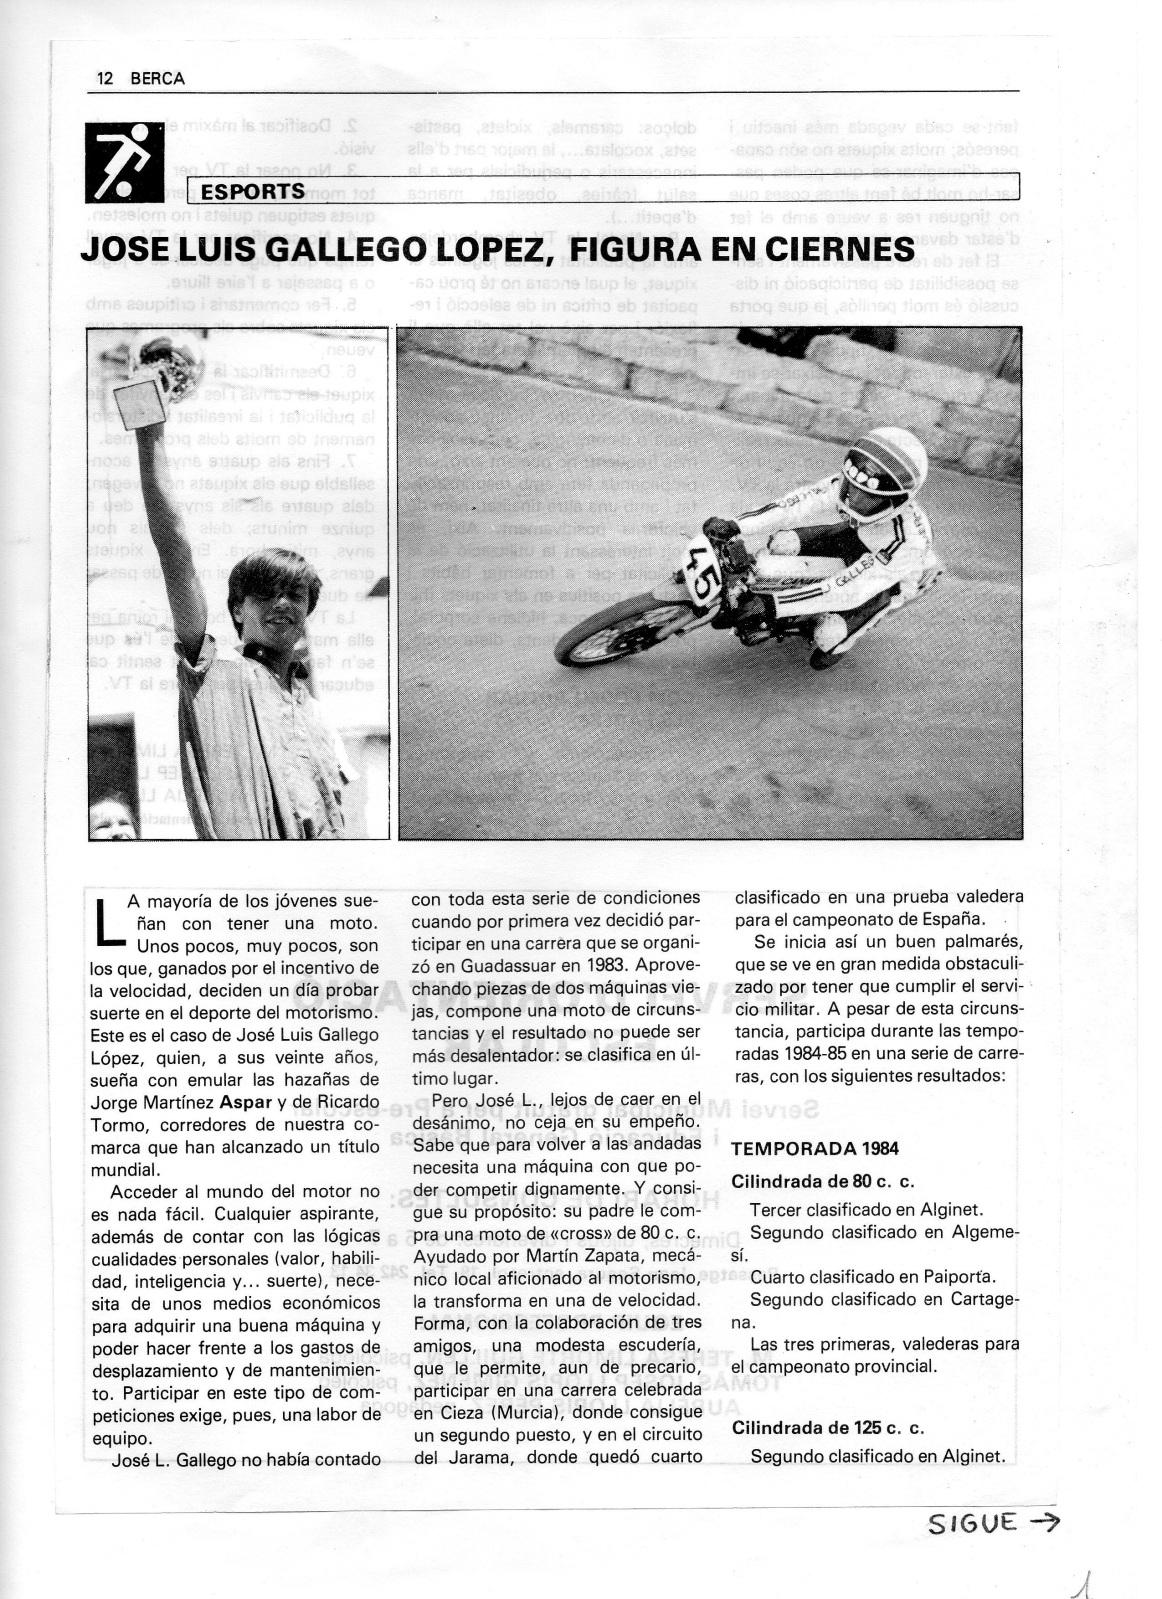 gilera - Antiguos pilotos: José Luis Gallego (V) 21dgzh1